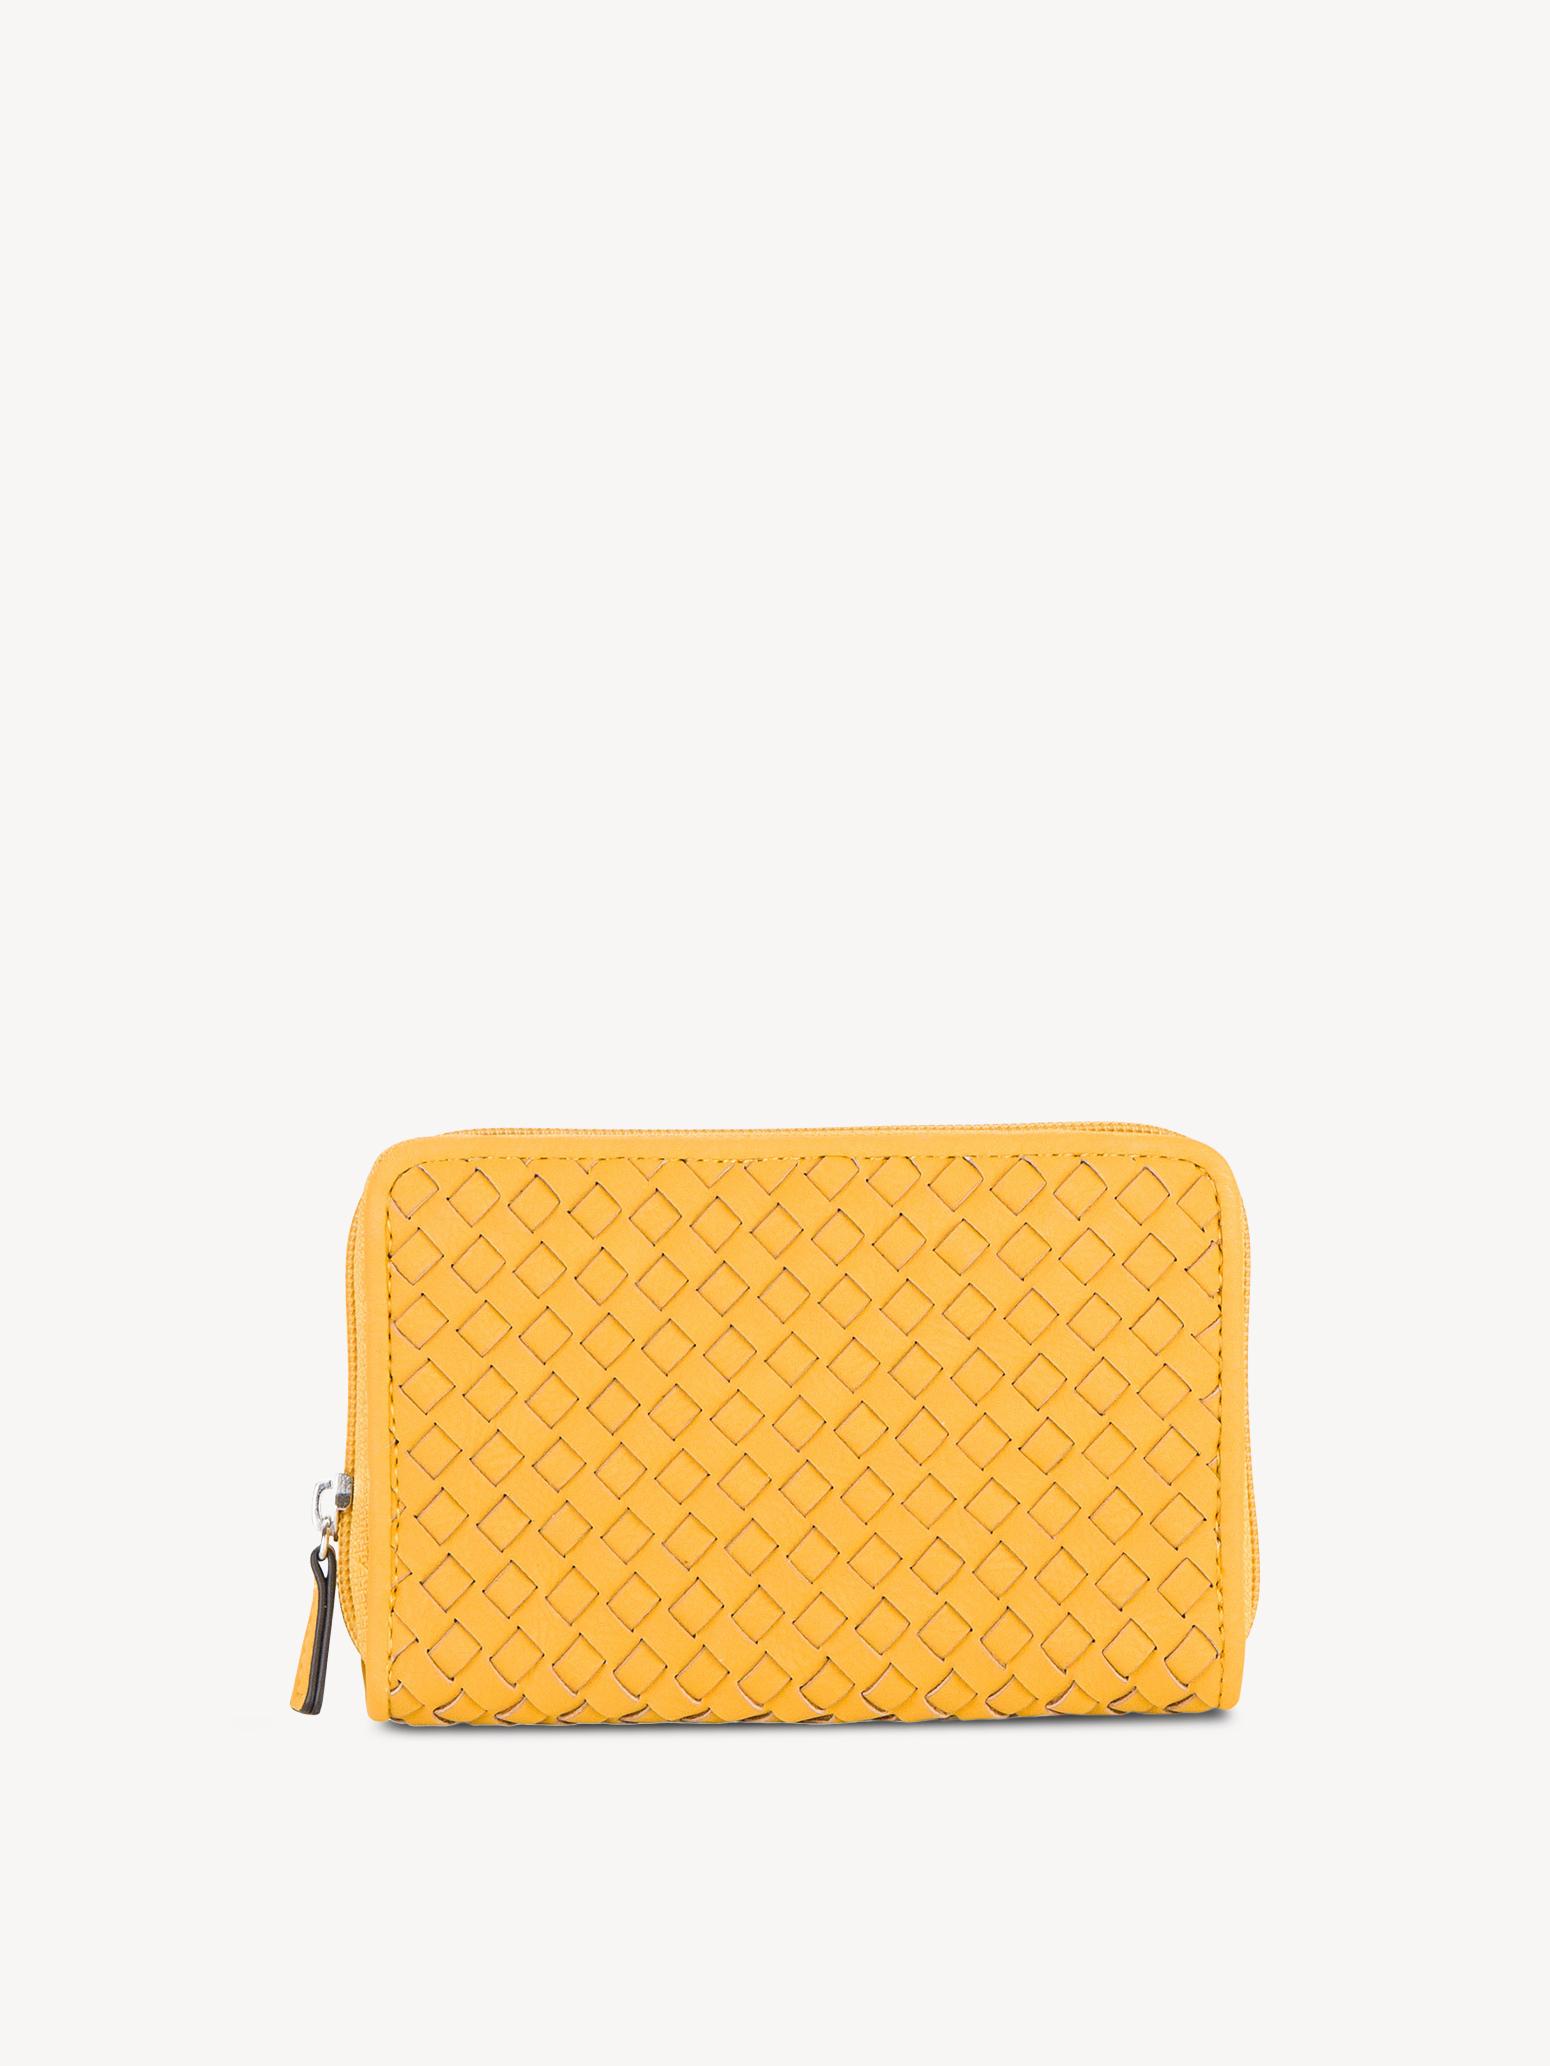 - yellow